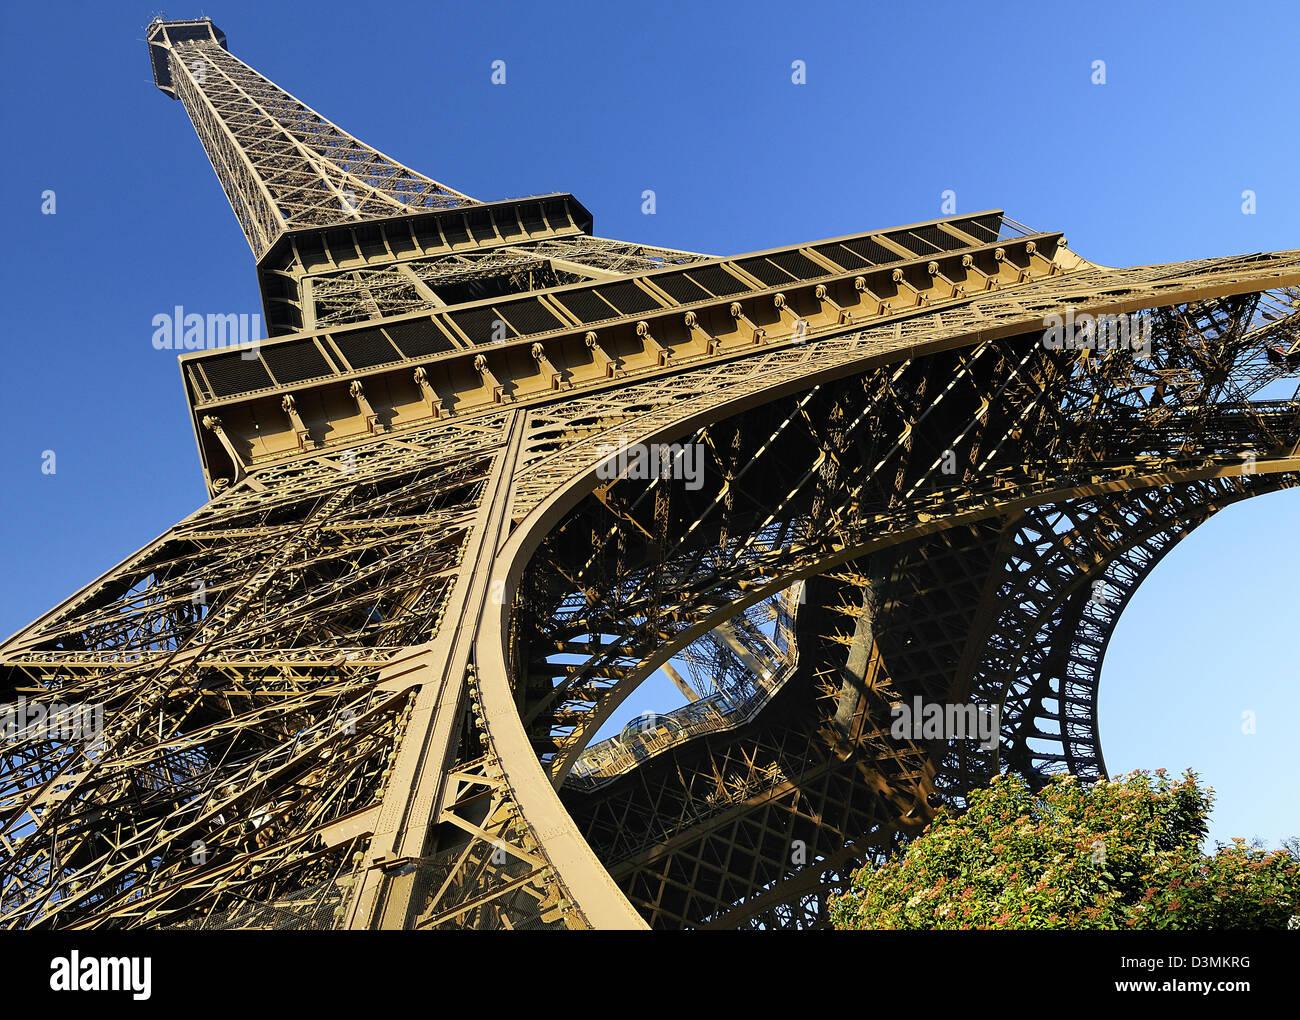 architektonisches Detail auf den berühmten Eiffelturm, Paris, Frankreich Stockbild